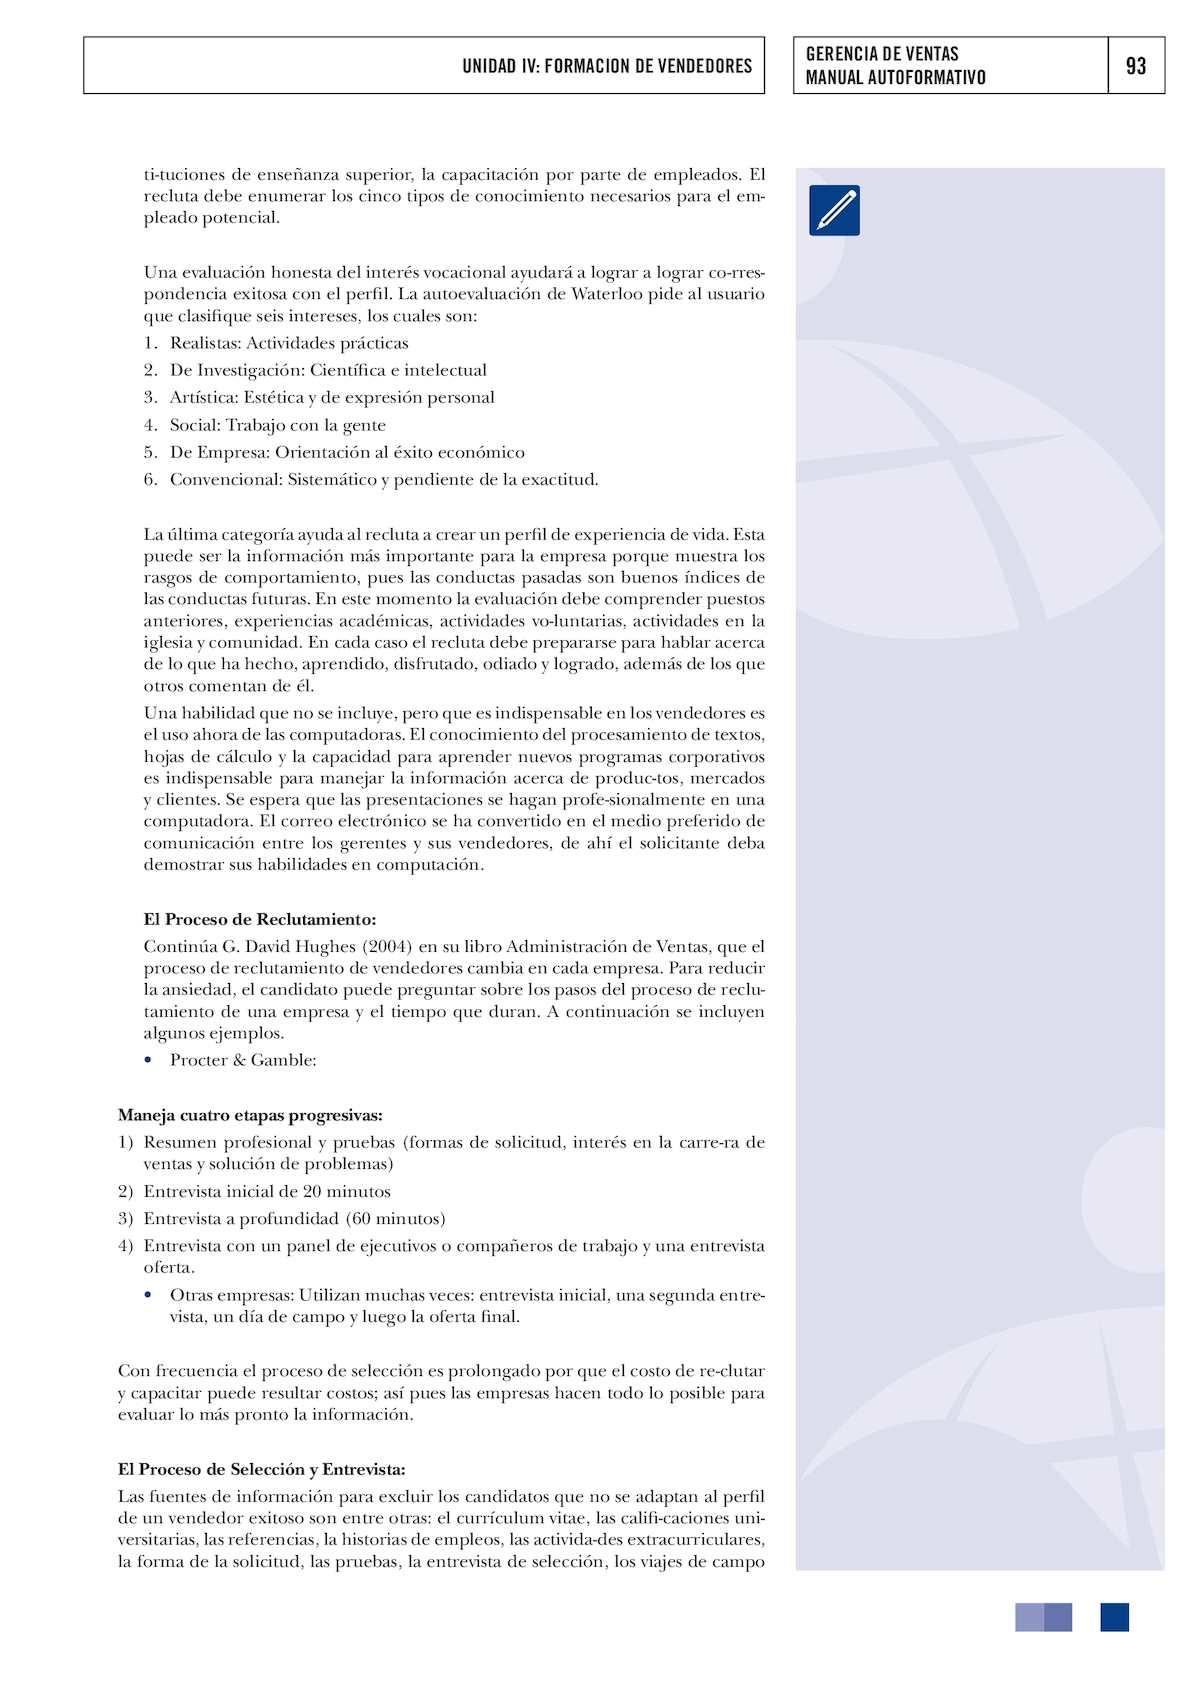 A0209 MA Gerencia De Ventas ED V1 2015 - CALAMEO Downloader